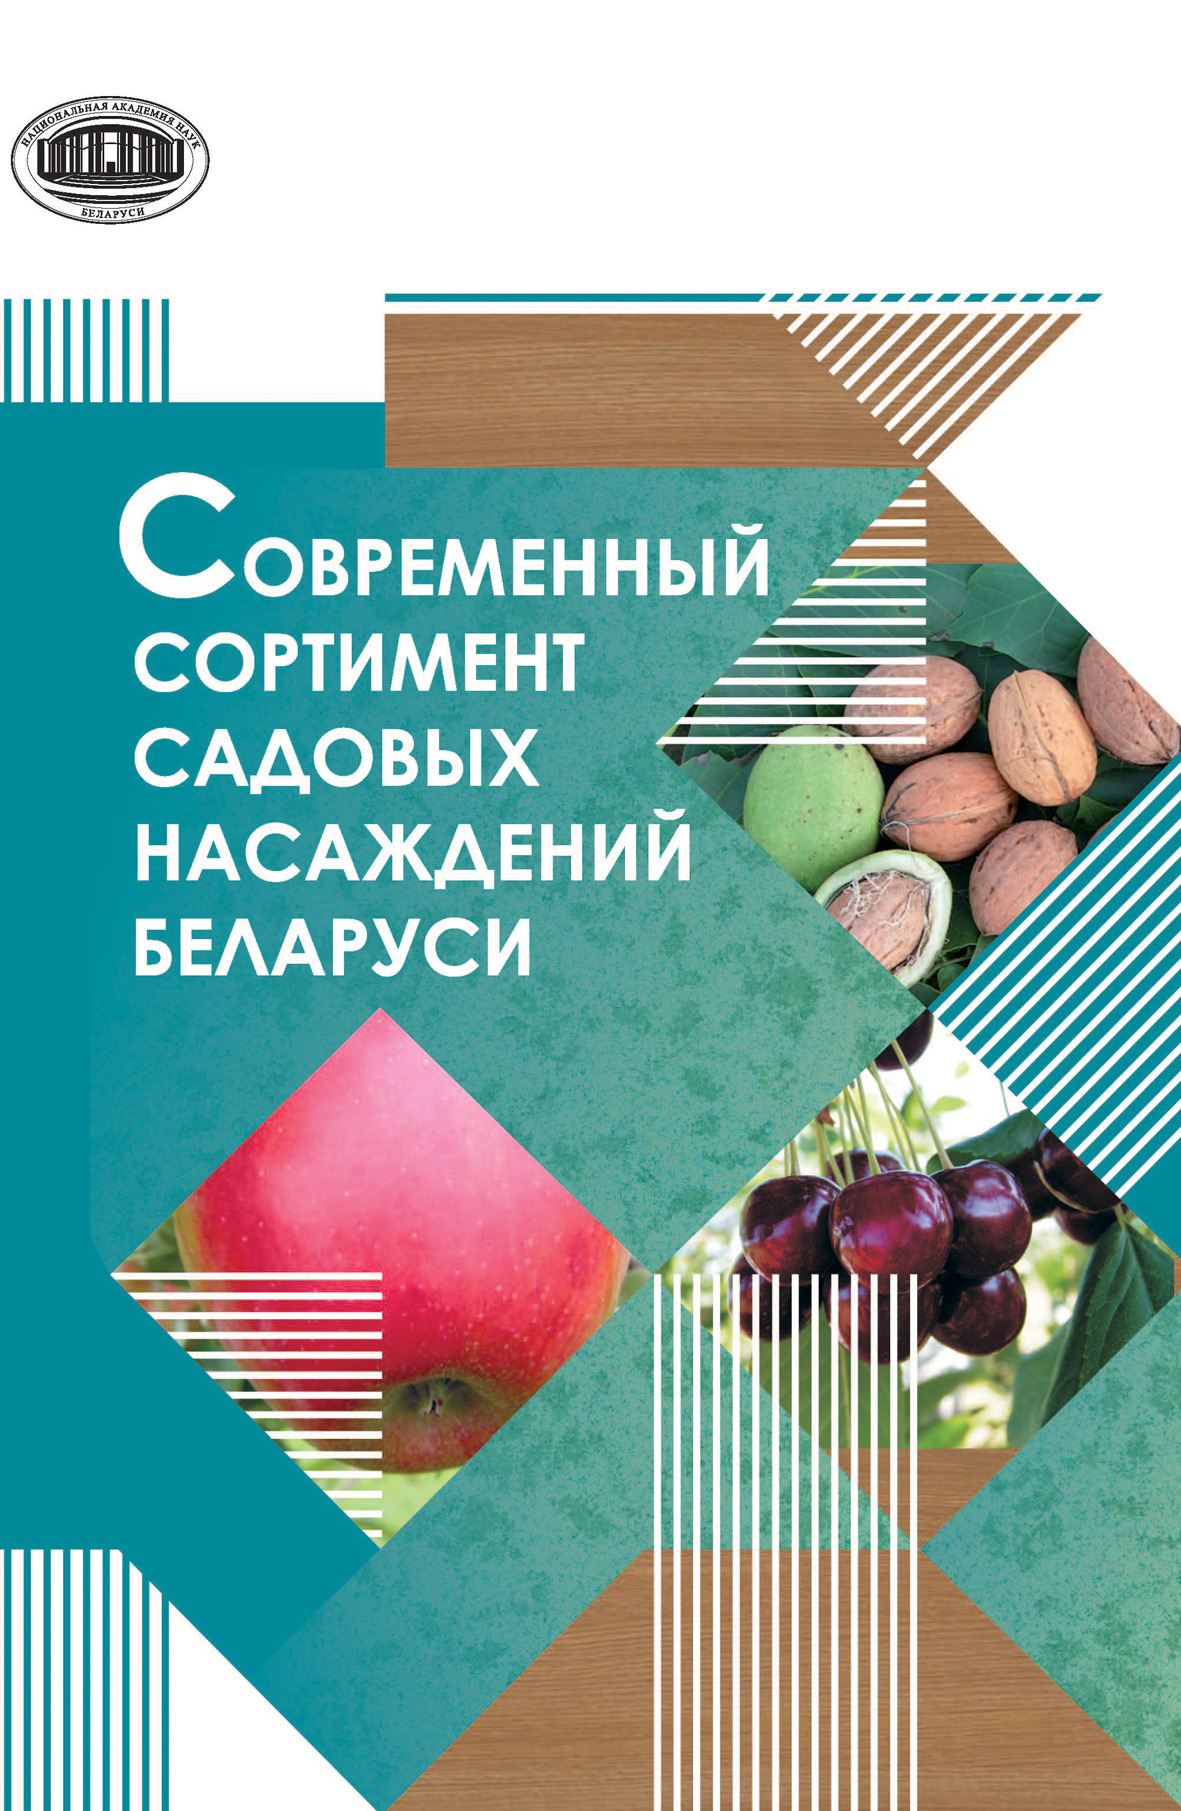 Отсутствует Современный сортимент садовых насаждений Беларуси цена